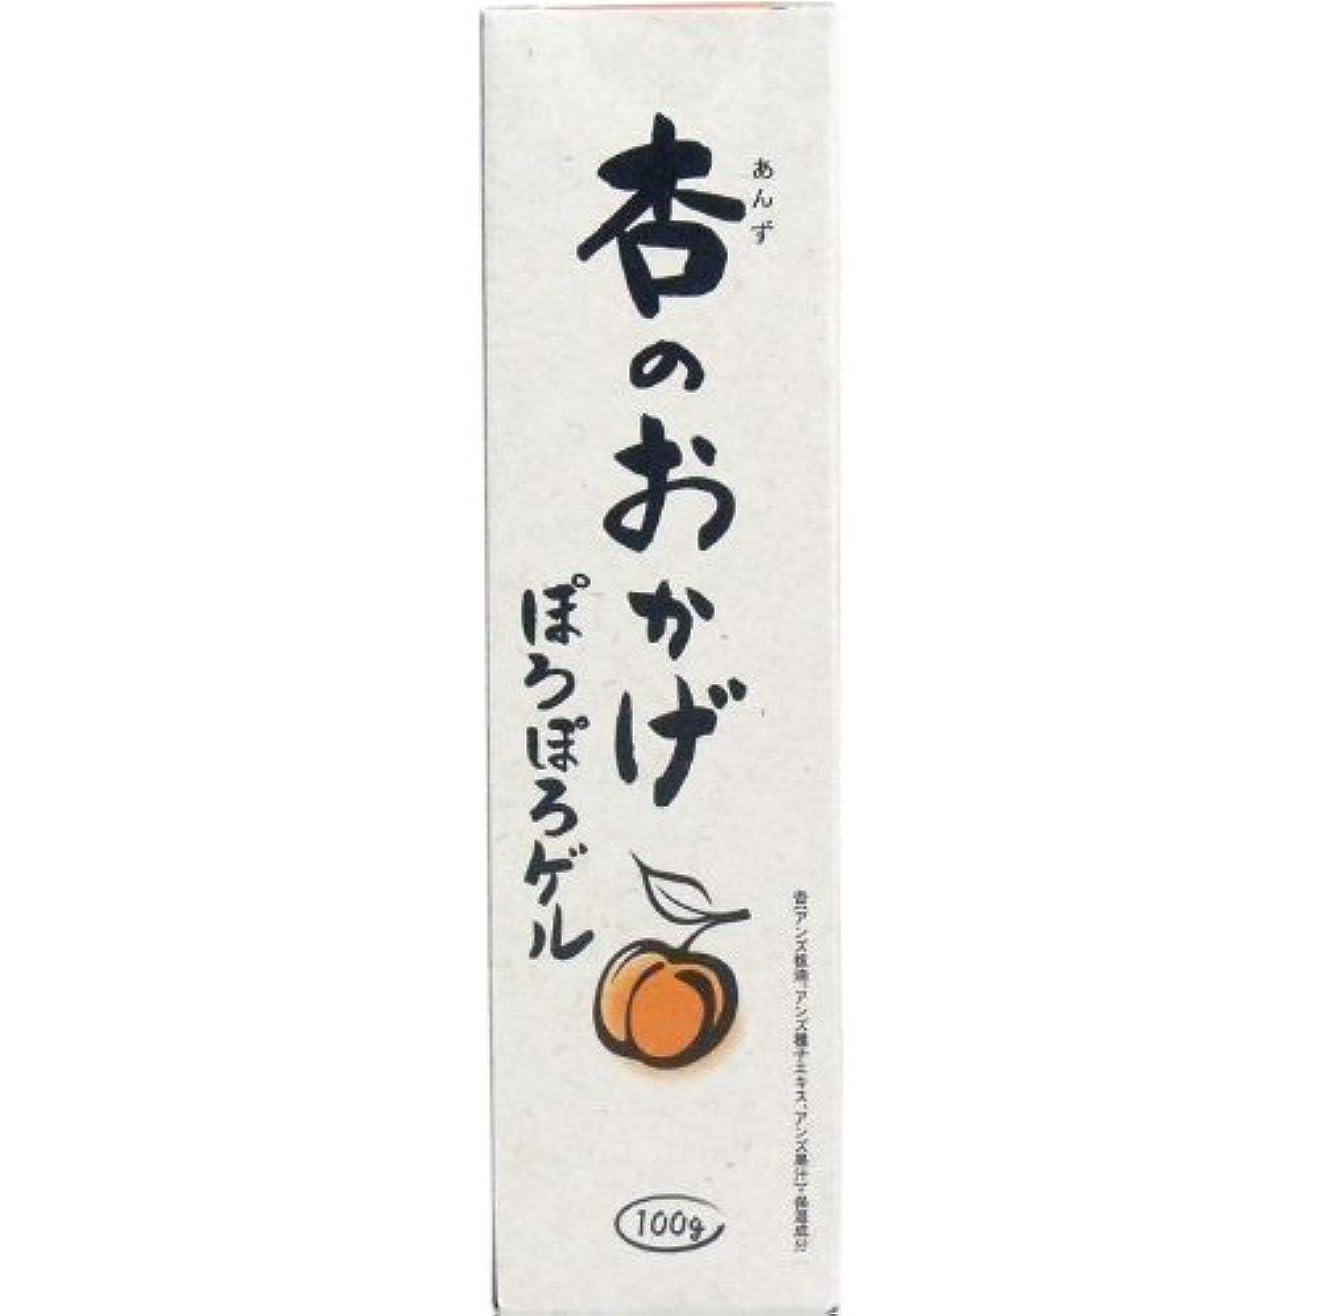 黒板やむを得ないペレグリネーション杏のおかげ ぽろぽろゲル 100g【2個セット】